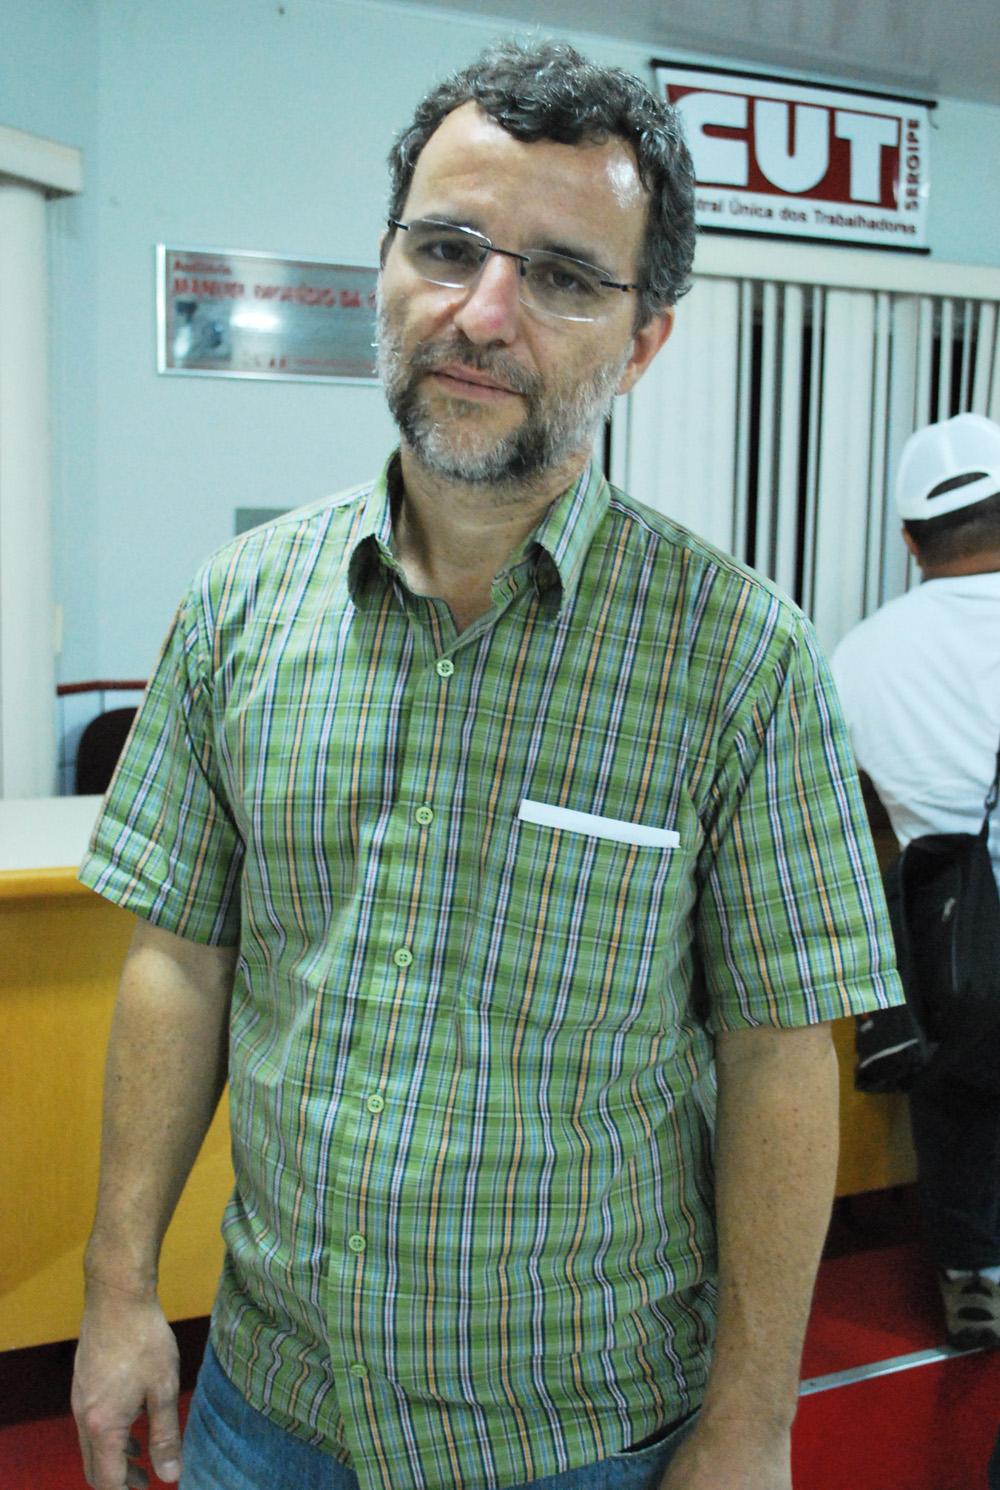 Valter Pomar, historiador, foi dirigente nacional do PT e é uma das principais lideranças da Articulação de Esquerda, corrente interna do partido